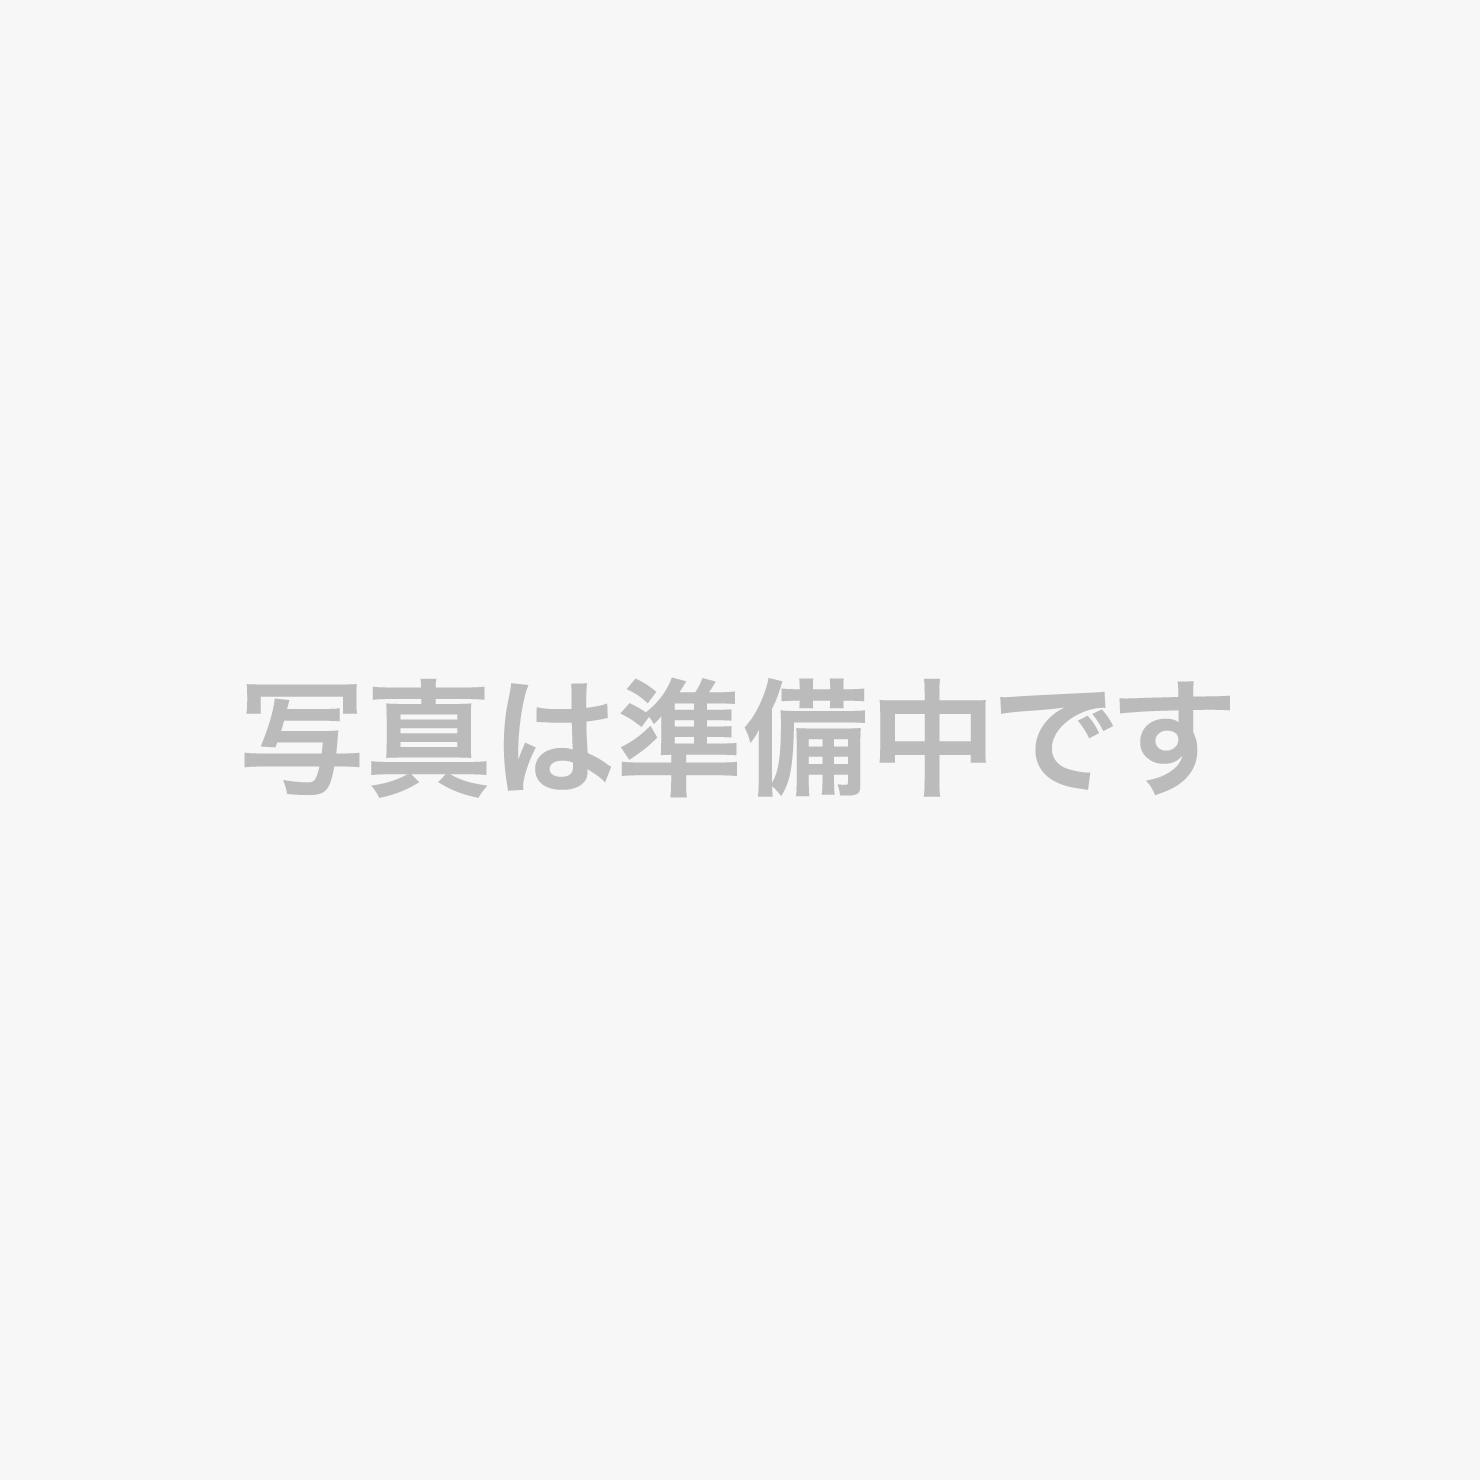 【新江戸ルーム】ヒノキ風呂にレモンを浮かべて美肌・リラックス効果も